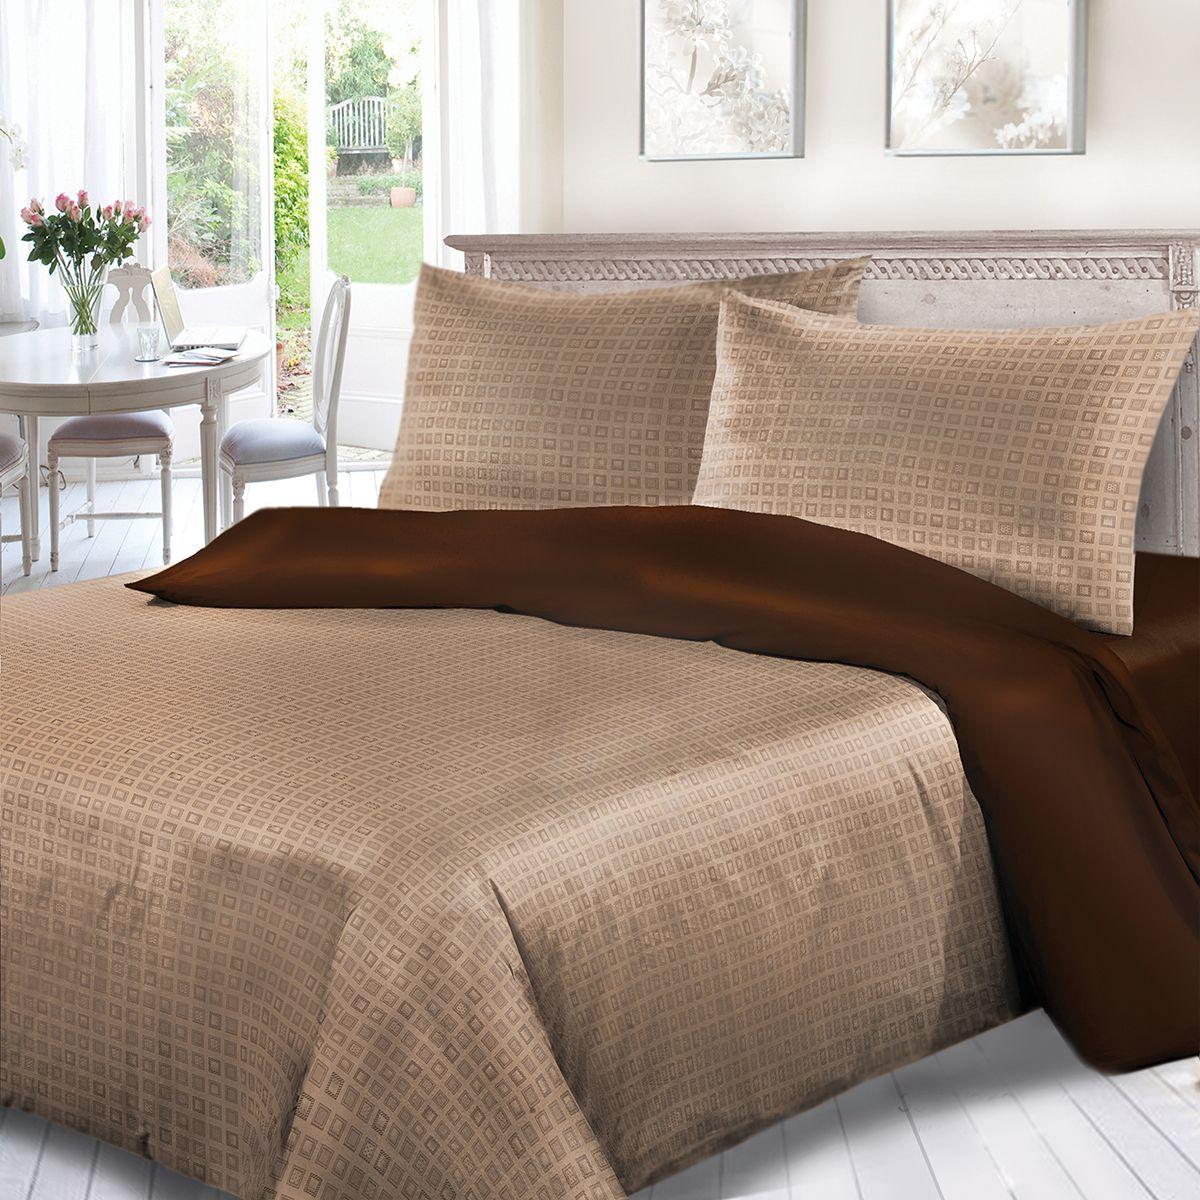 Комплект белья Сорренто Капитолий, 1,5 спальное, наволочки 70x70, цвет: коричневый. 3556-287883